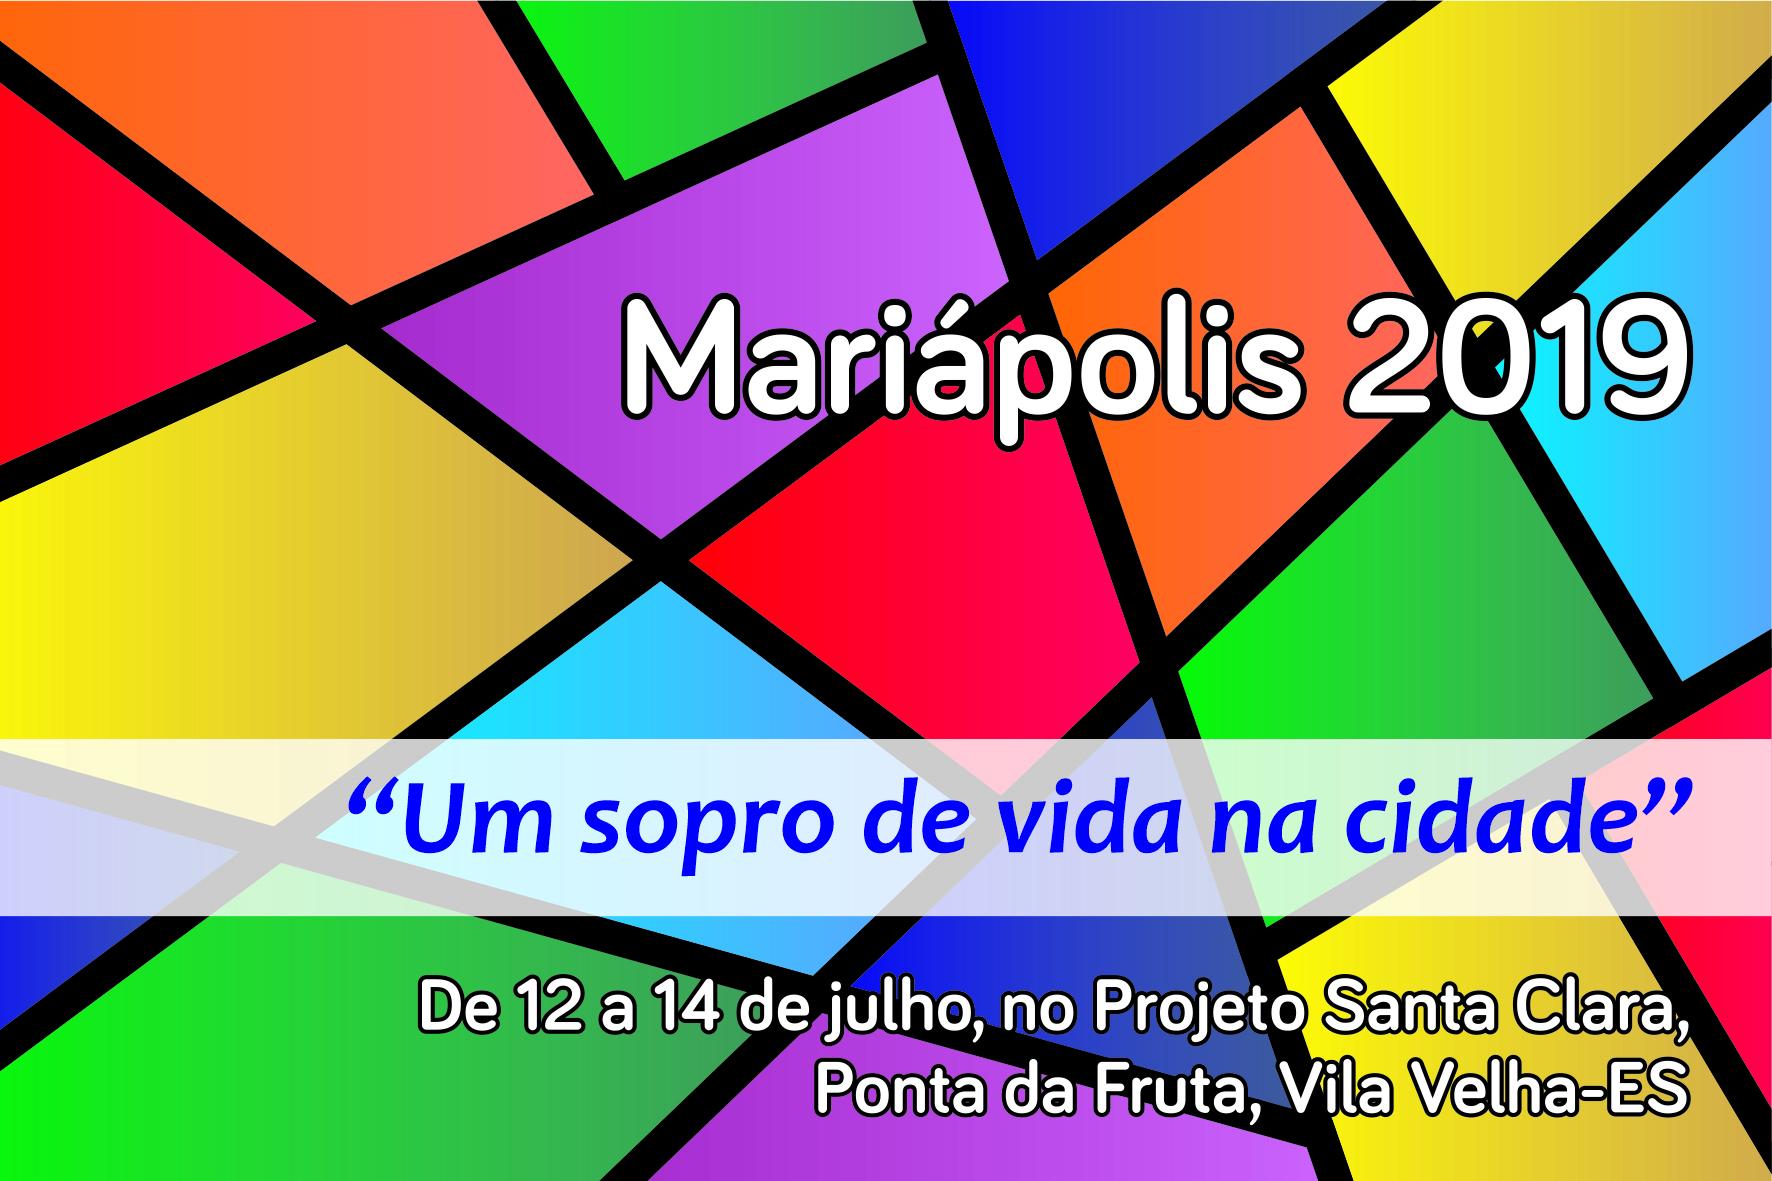 Mariápolis 2019 no Espírito Santo